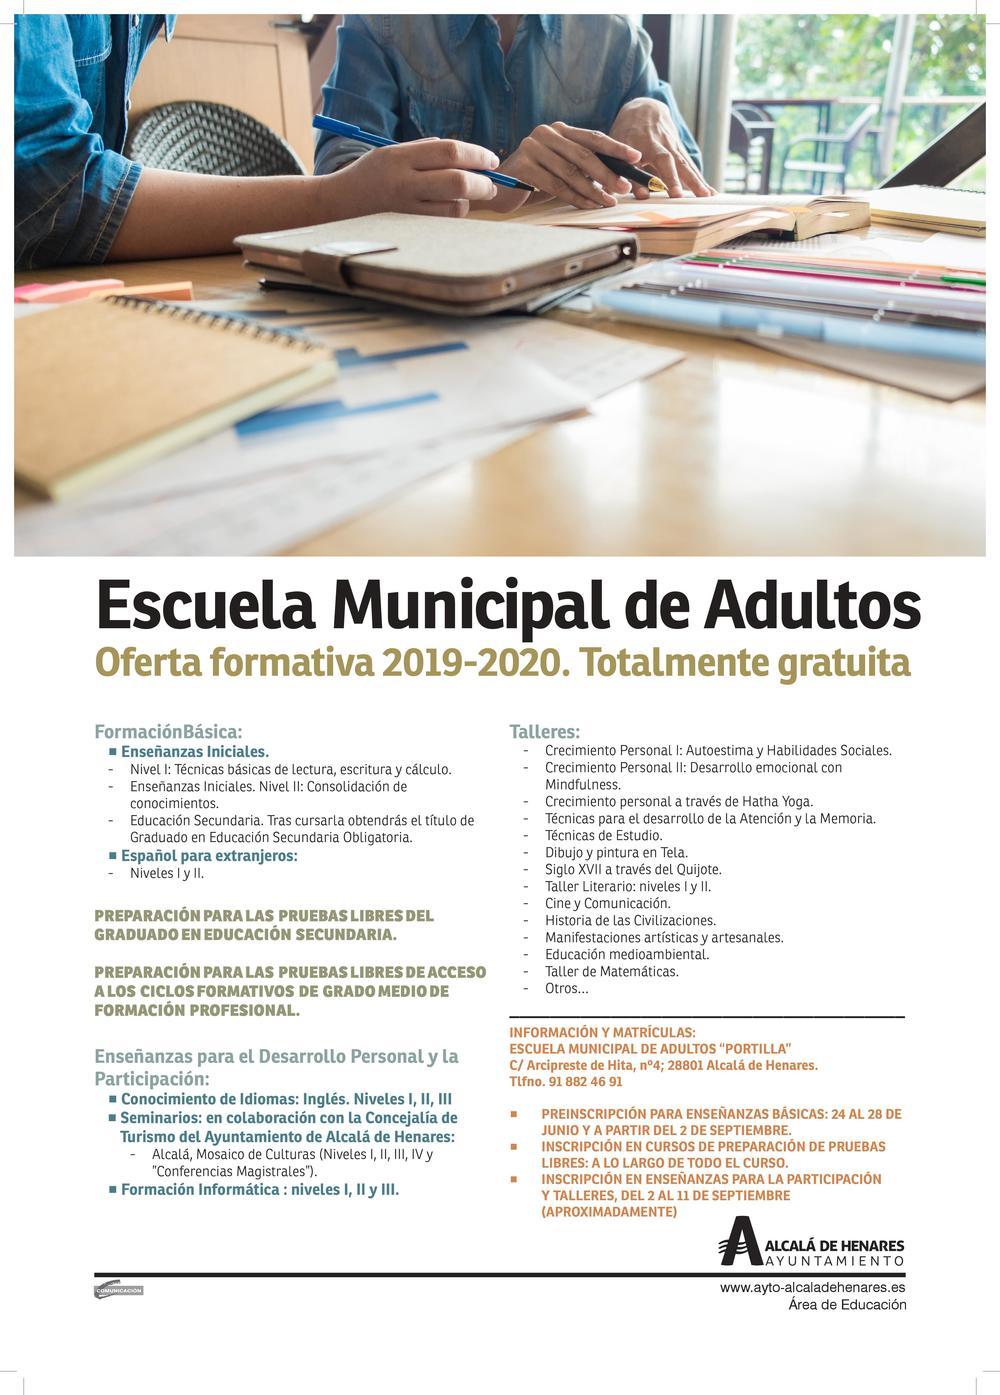 La Escuela Municipal De Adultos Abre Su Preinscripción Para La Oferta Formativa 2019 2020 Toda Ella Gratuita Ayuntamiento De Alcalá De Henares